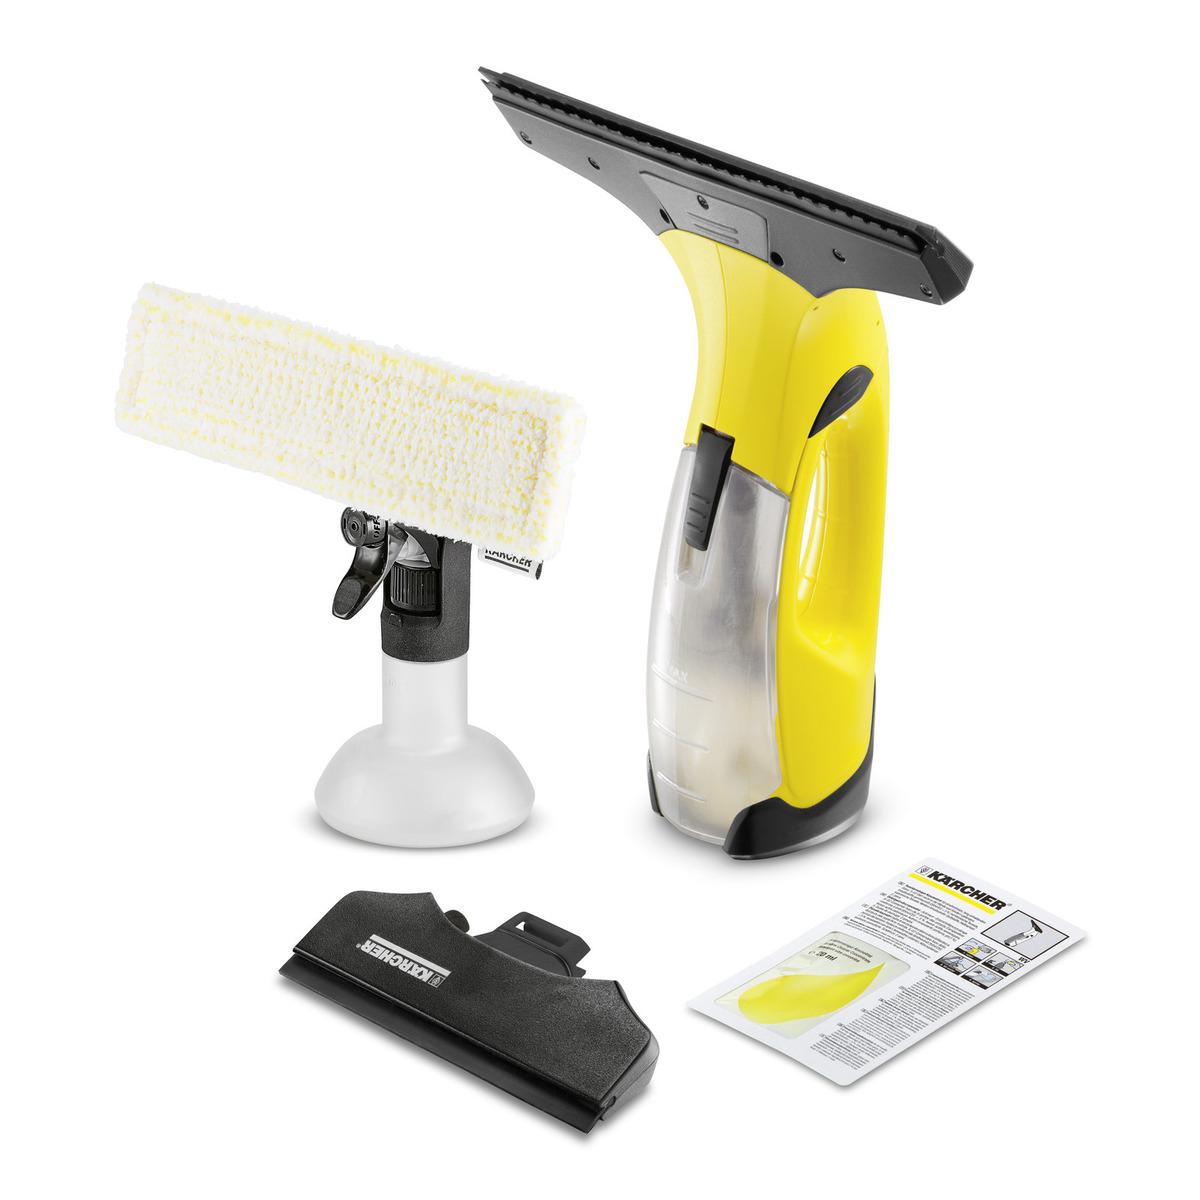 Karcher-akumulatorski-usisivač-za-prozore-Karcher-WV-2-Plus-N